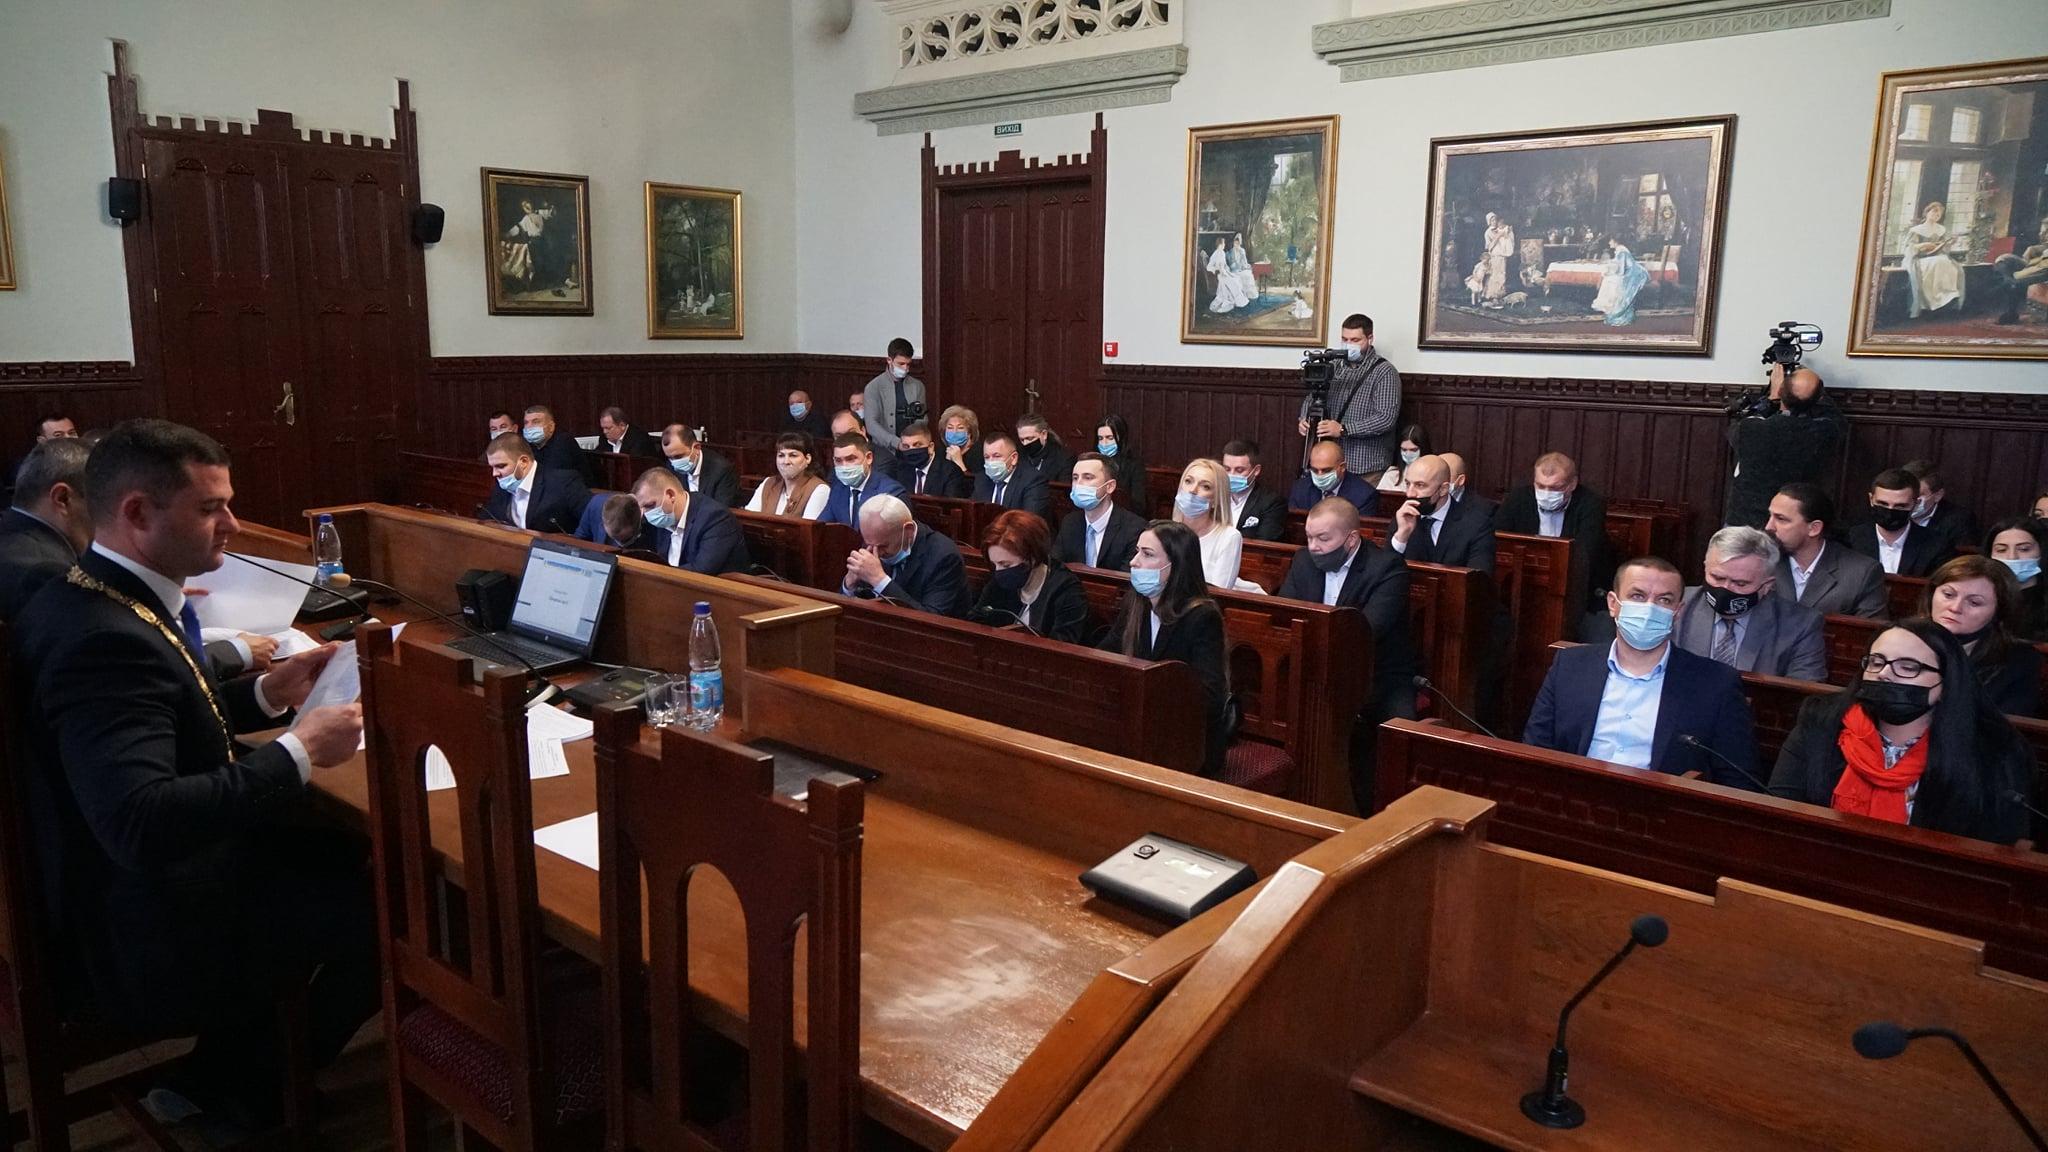 Рішенням сесії Мукачівської міськради визначено чисельність виконавчого комітету – 36 осіб.